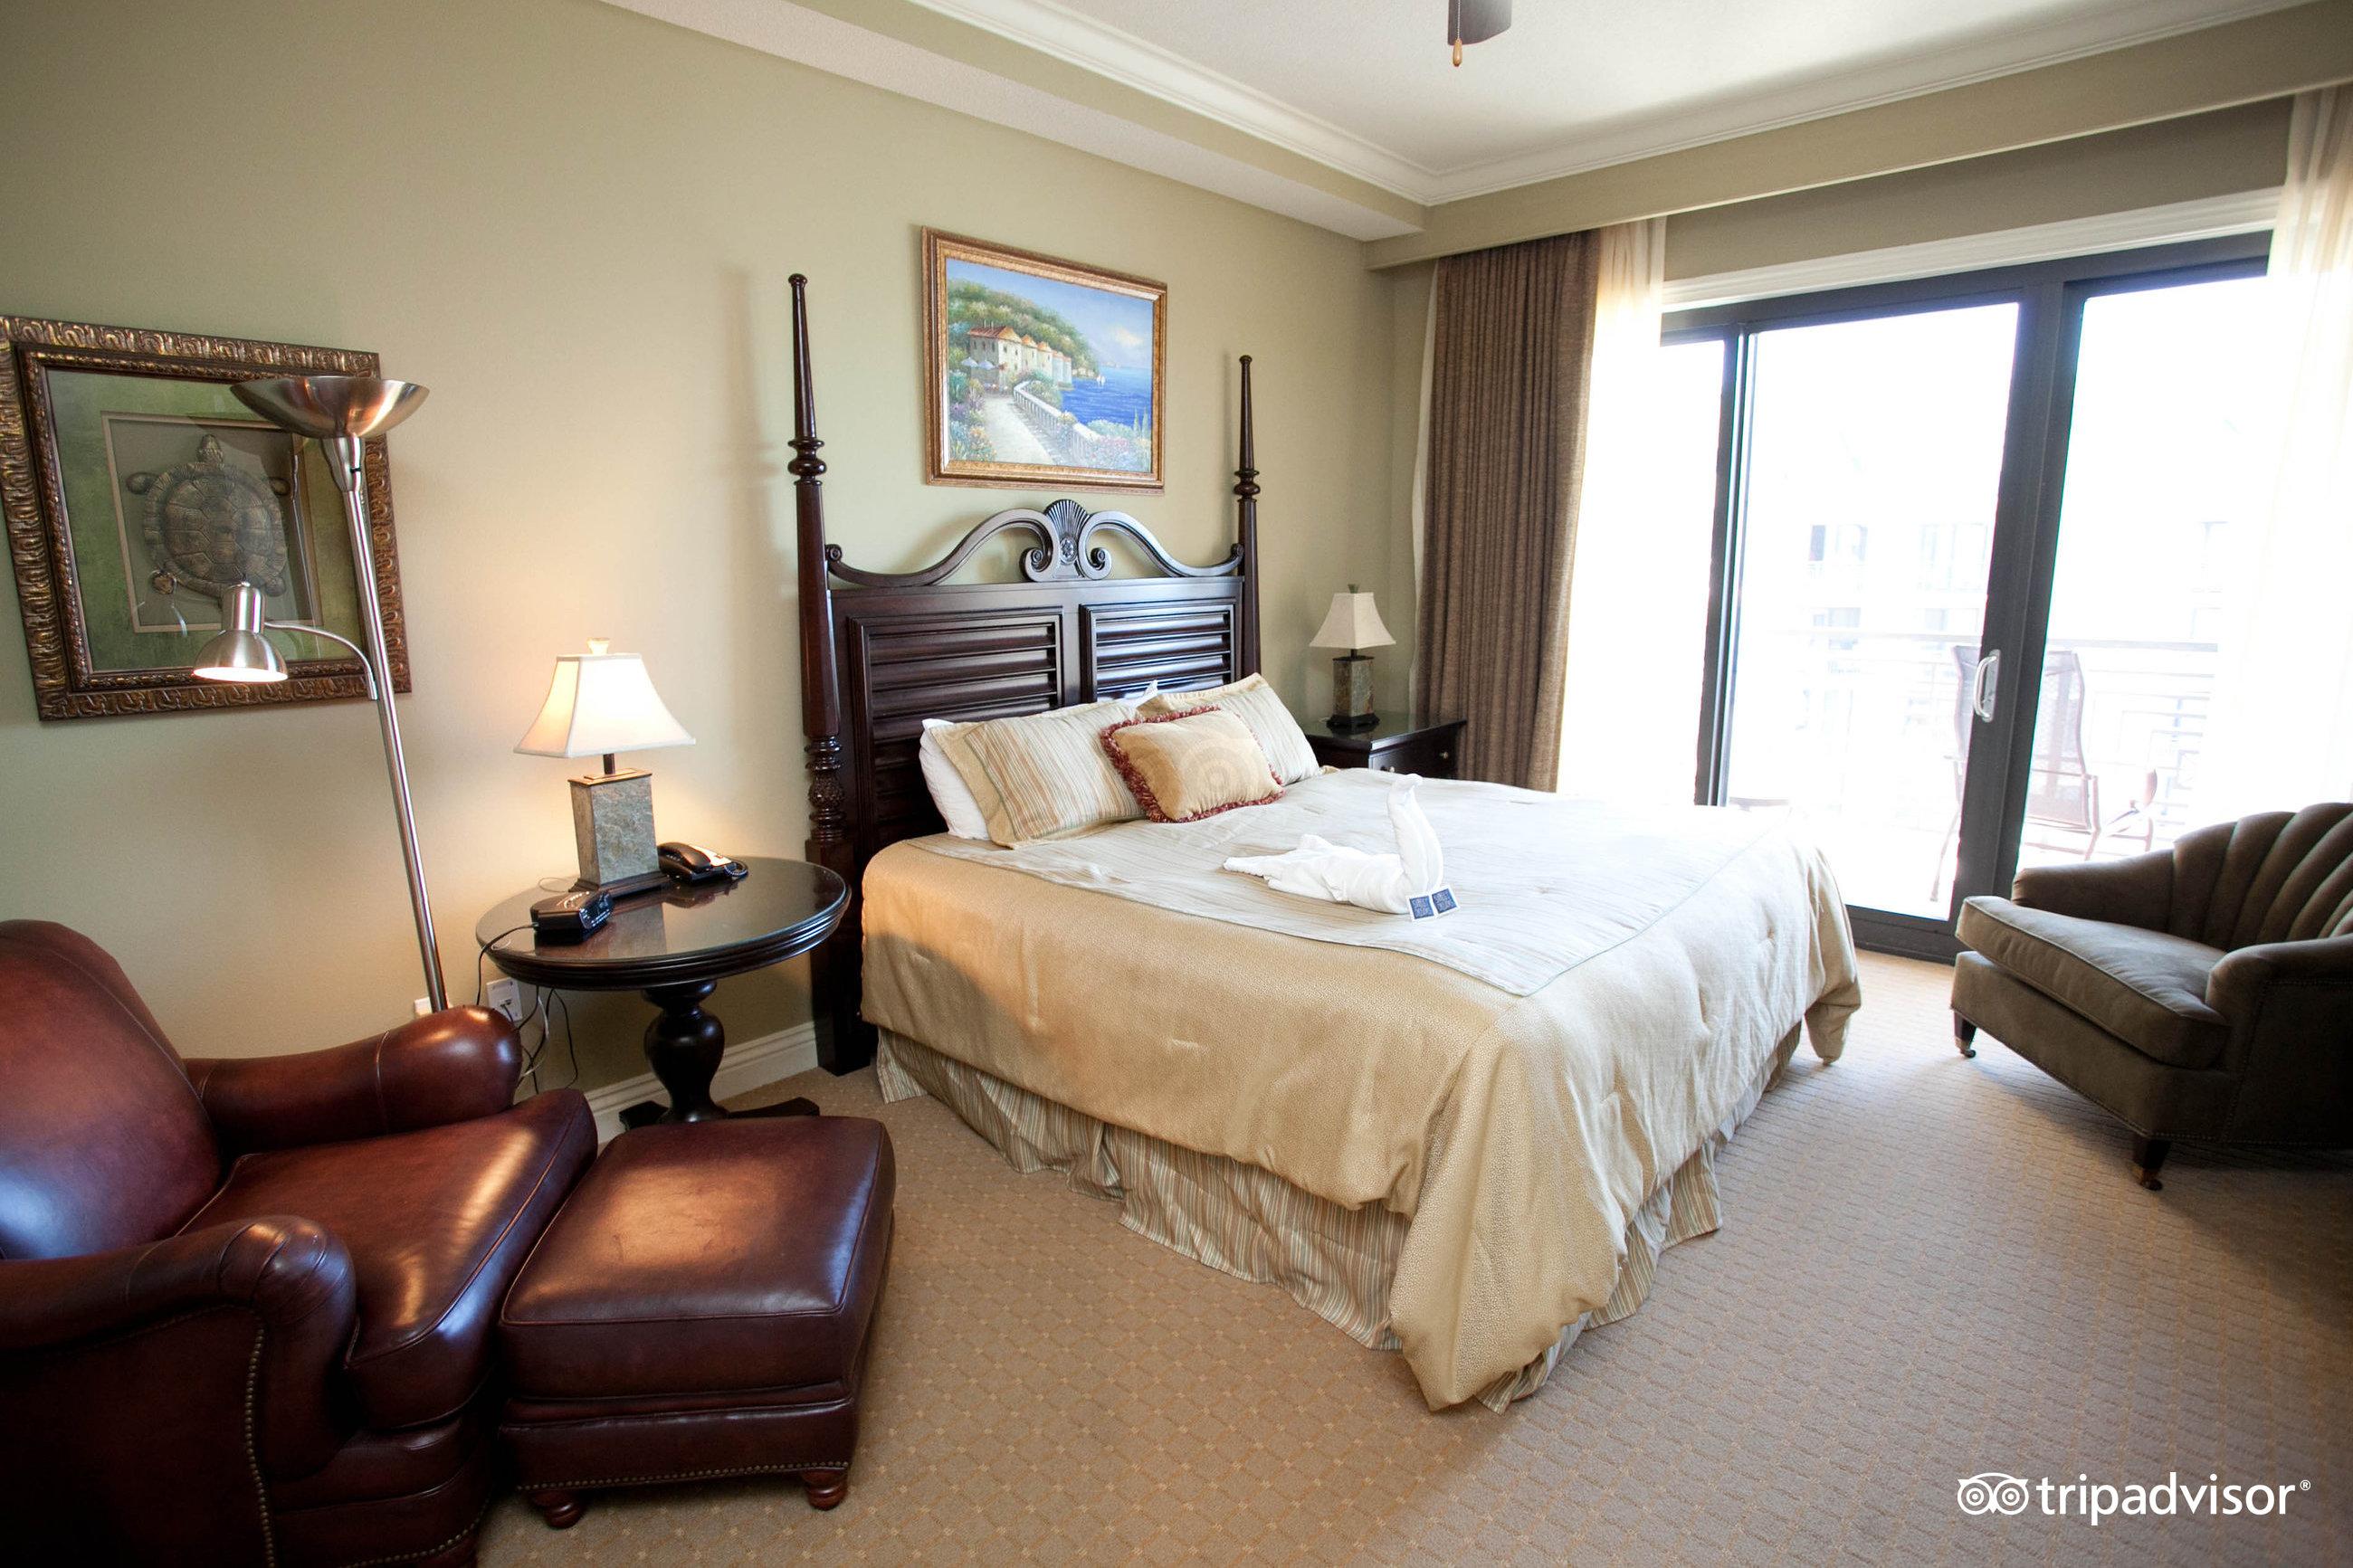 emerald grande harborwalk village destin fl 2017 hotel review